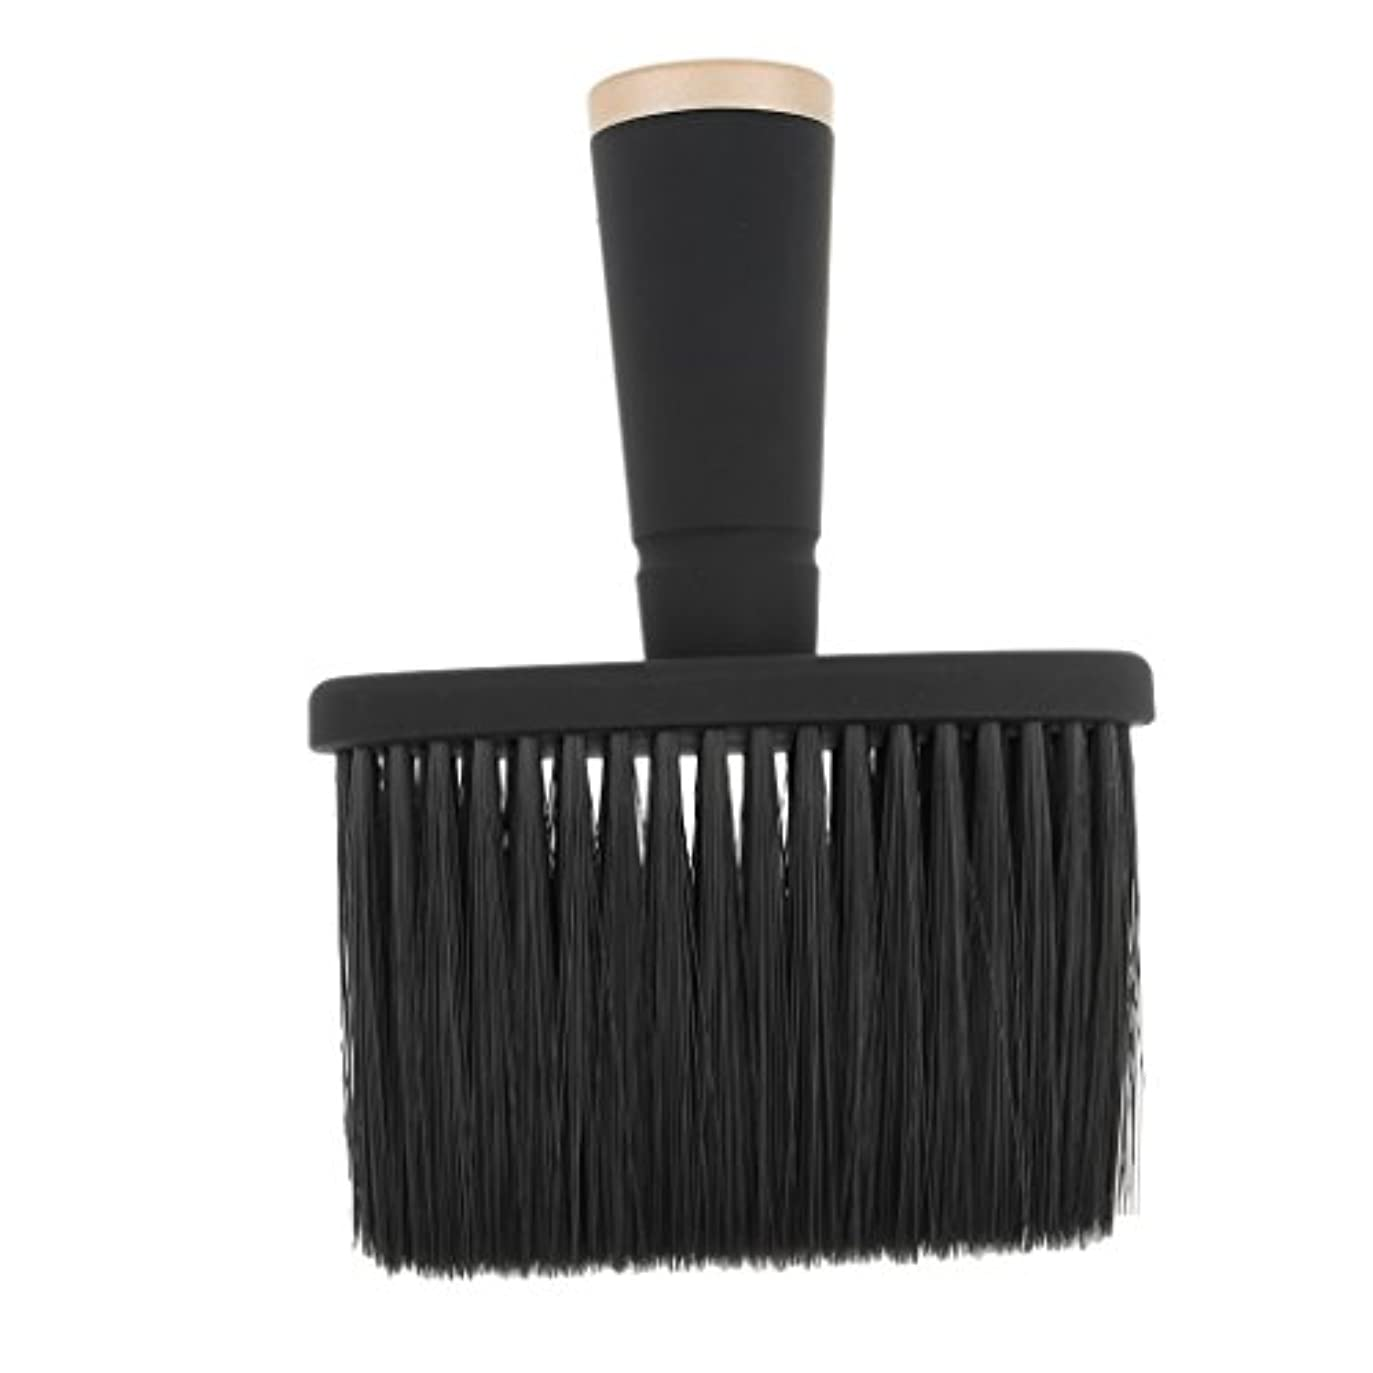 マチュピチュ意図保有者Toygogo プロの理髪師の首のダスターのブラシ、毛の切断のための柔らかいクリーニングの表面ブラシ、携帯用設計 - ゴールド